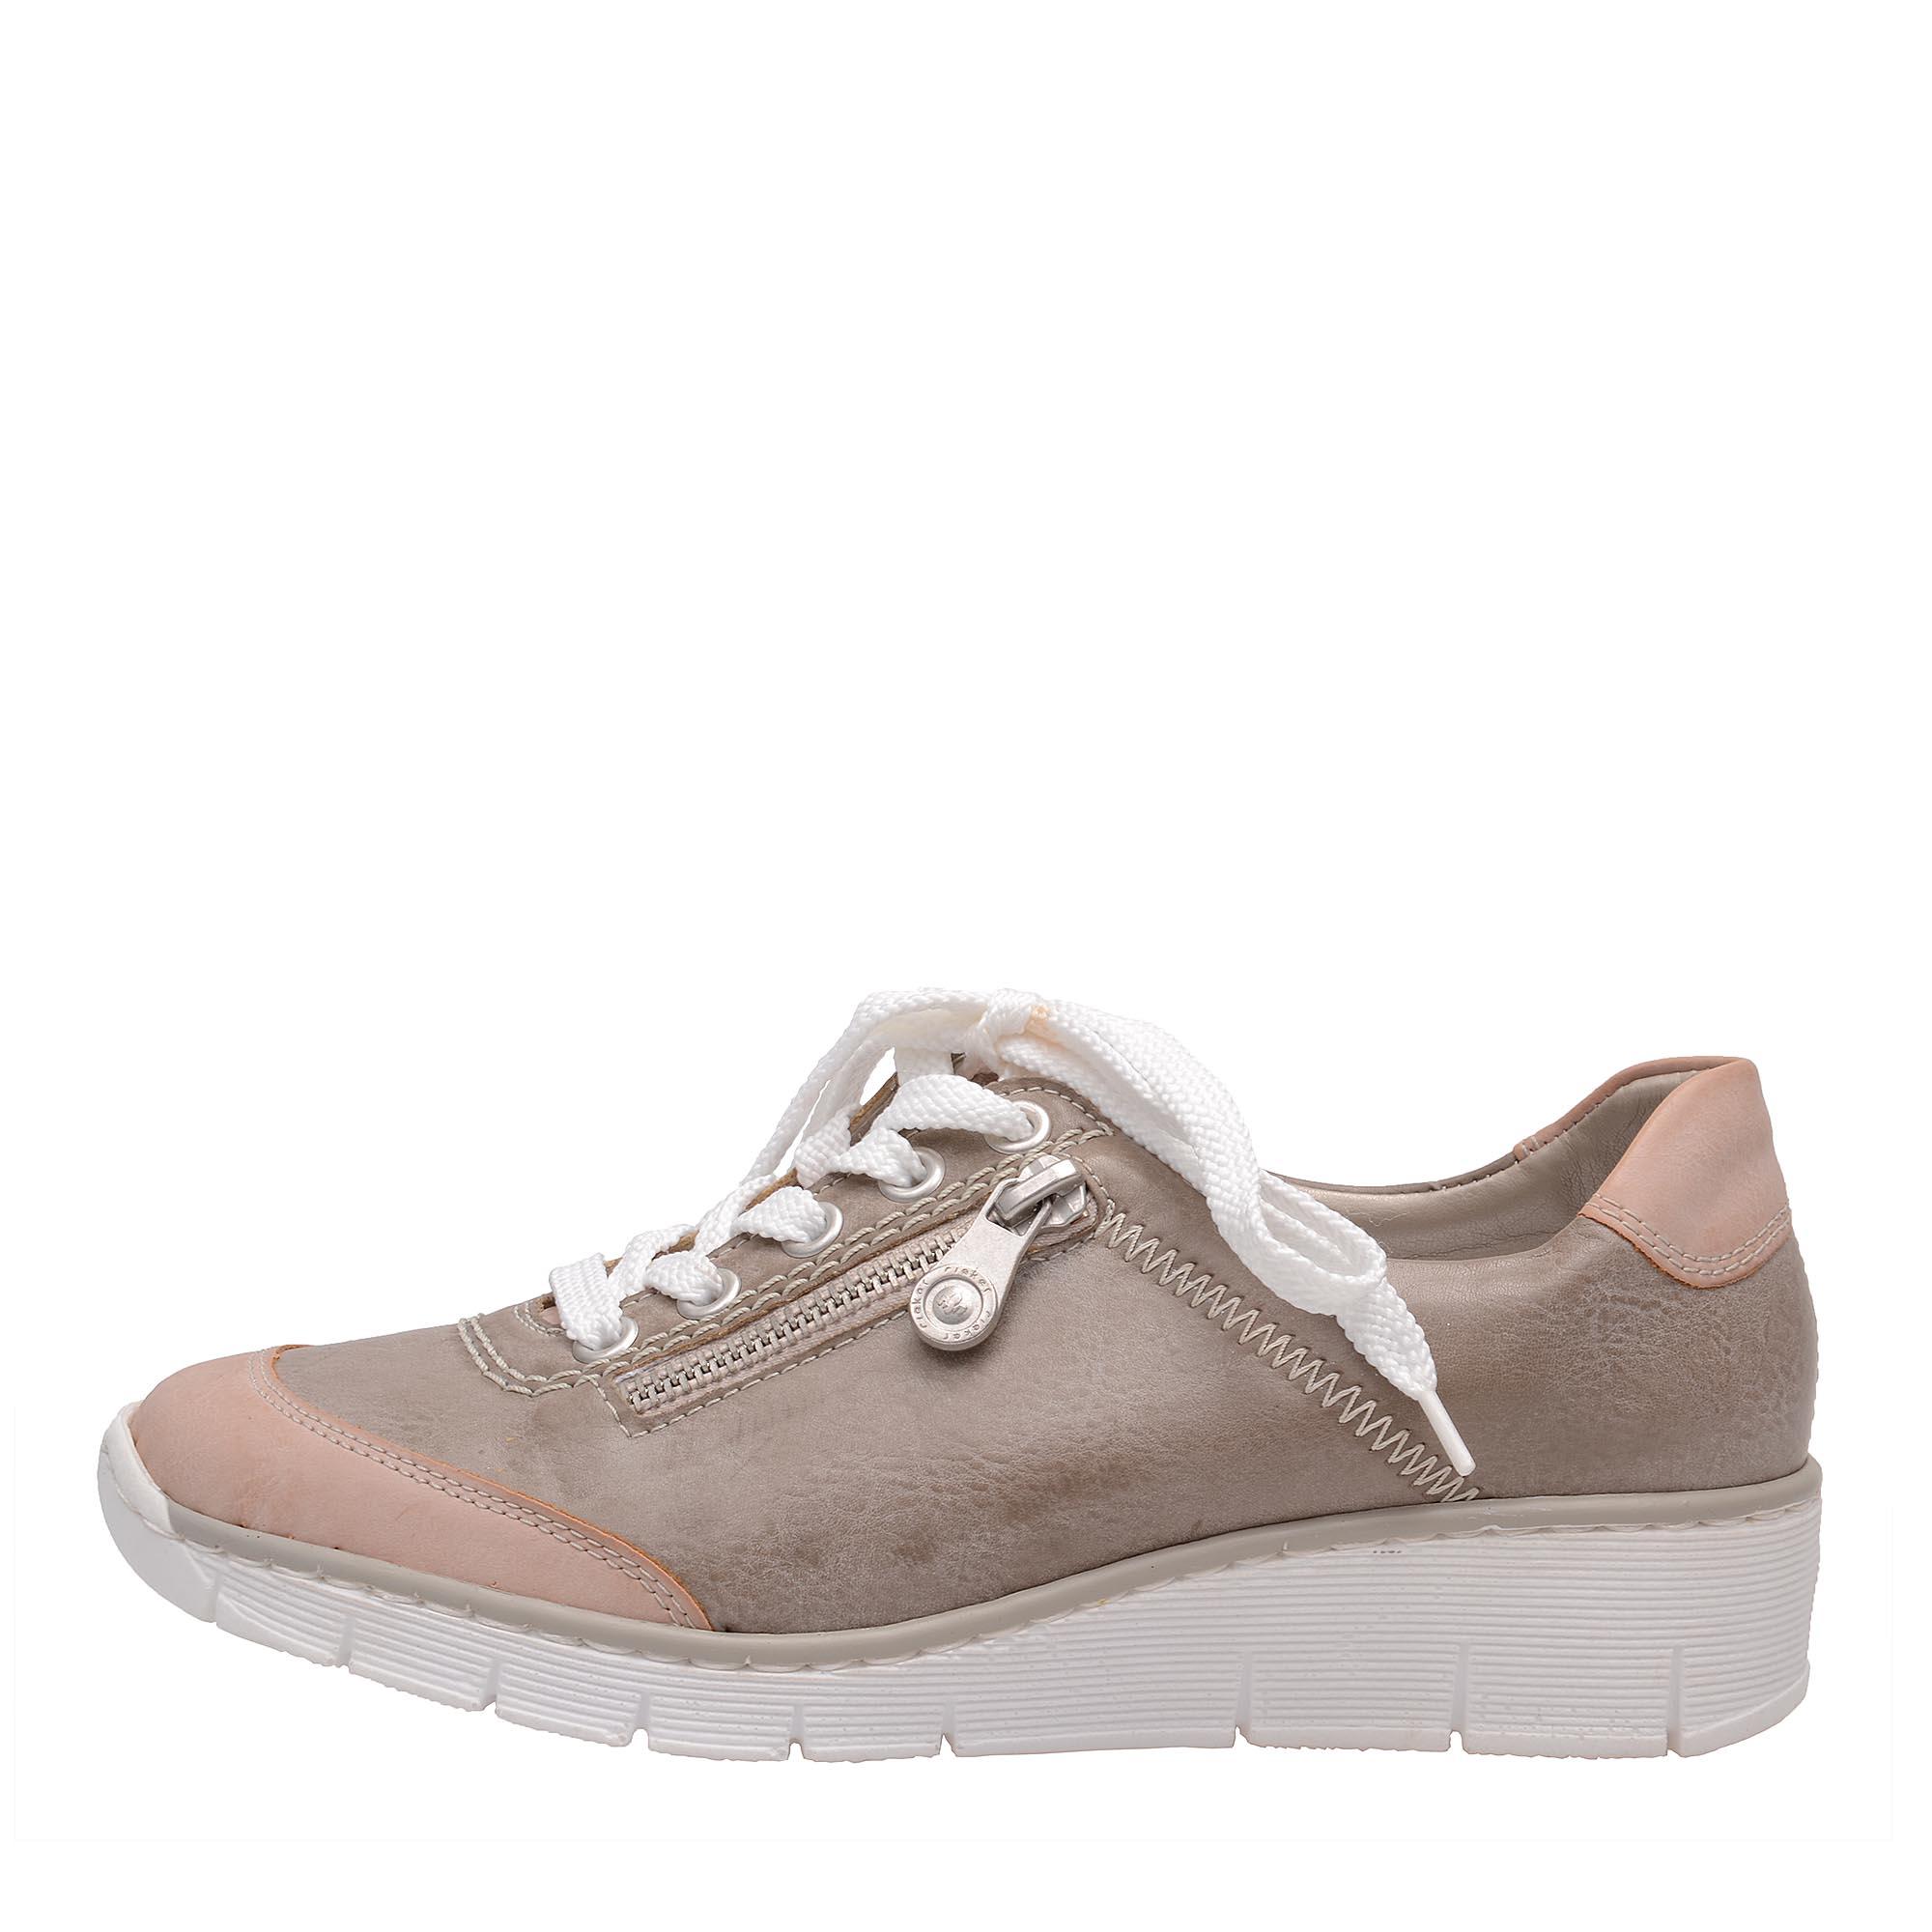 92a4a150e8 detail Dámská obuv RIEKER 53721 32 GRAU KOMBI F S 7